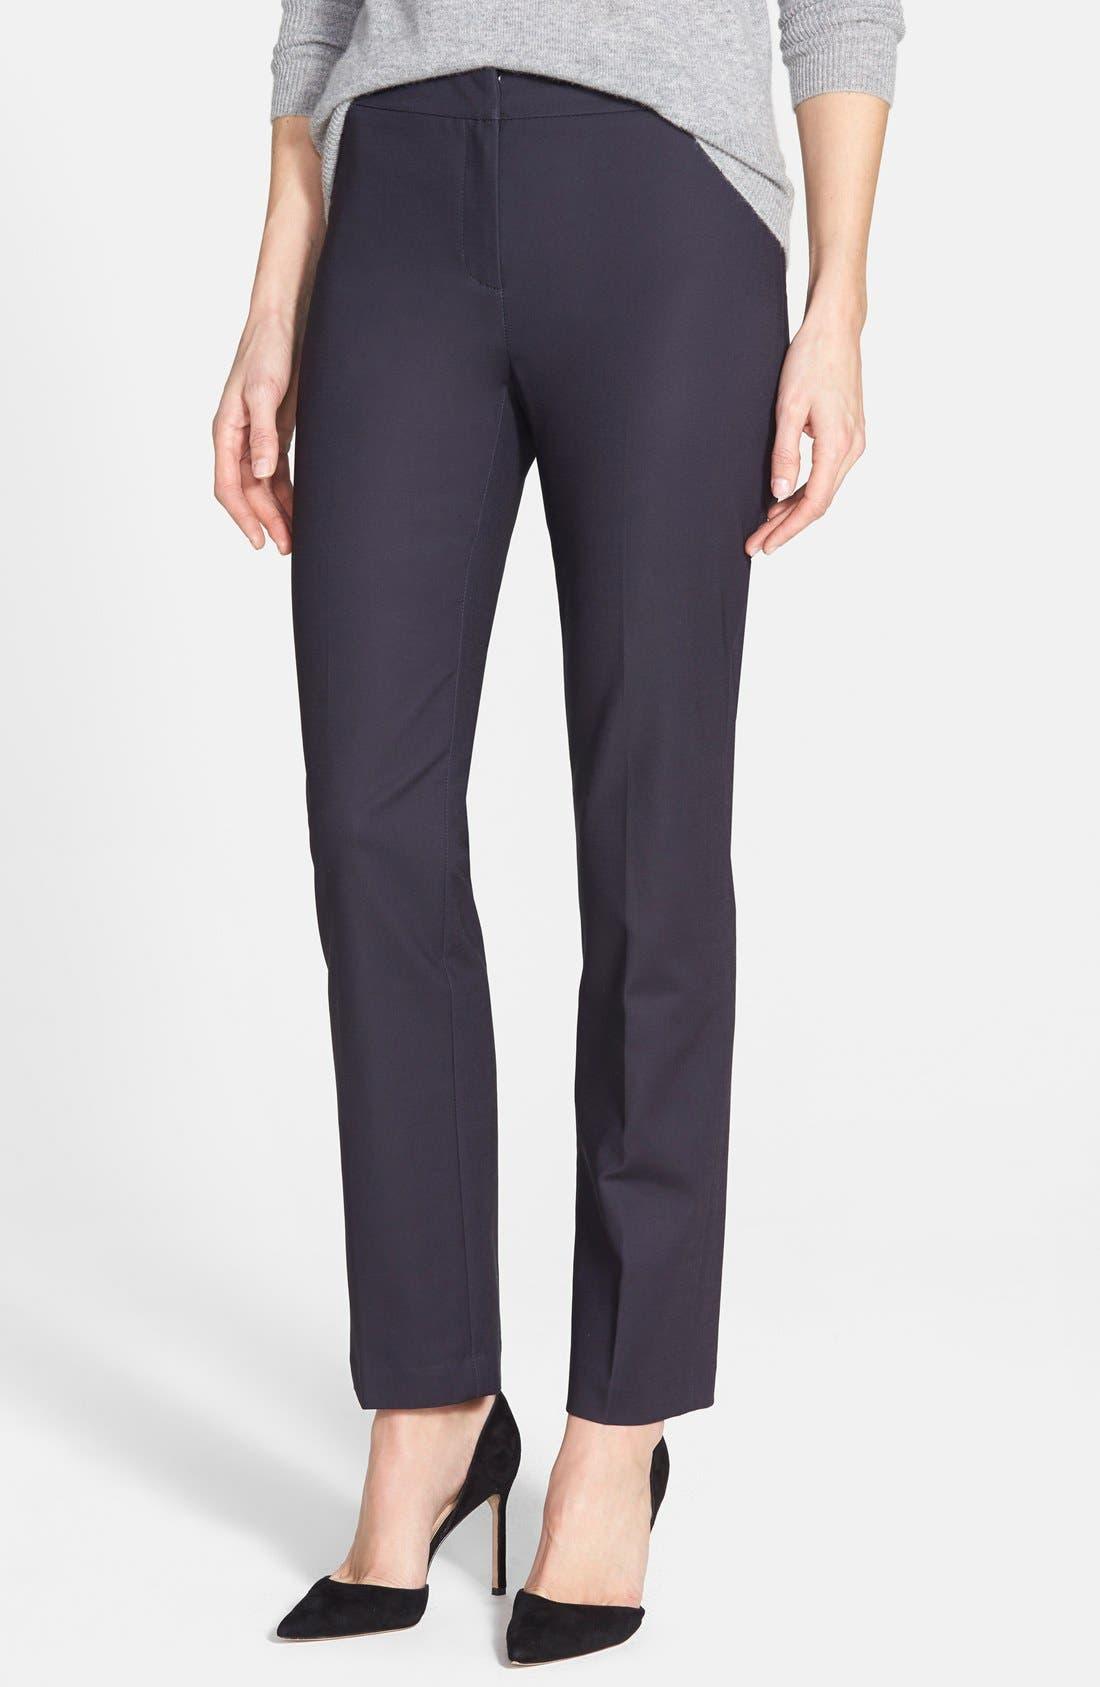 Wide-Leg Pants for Women